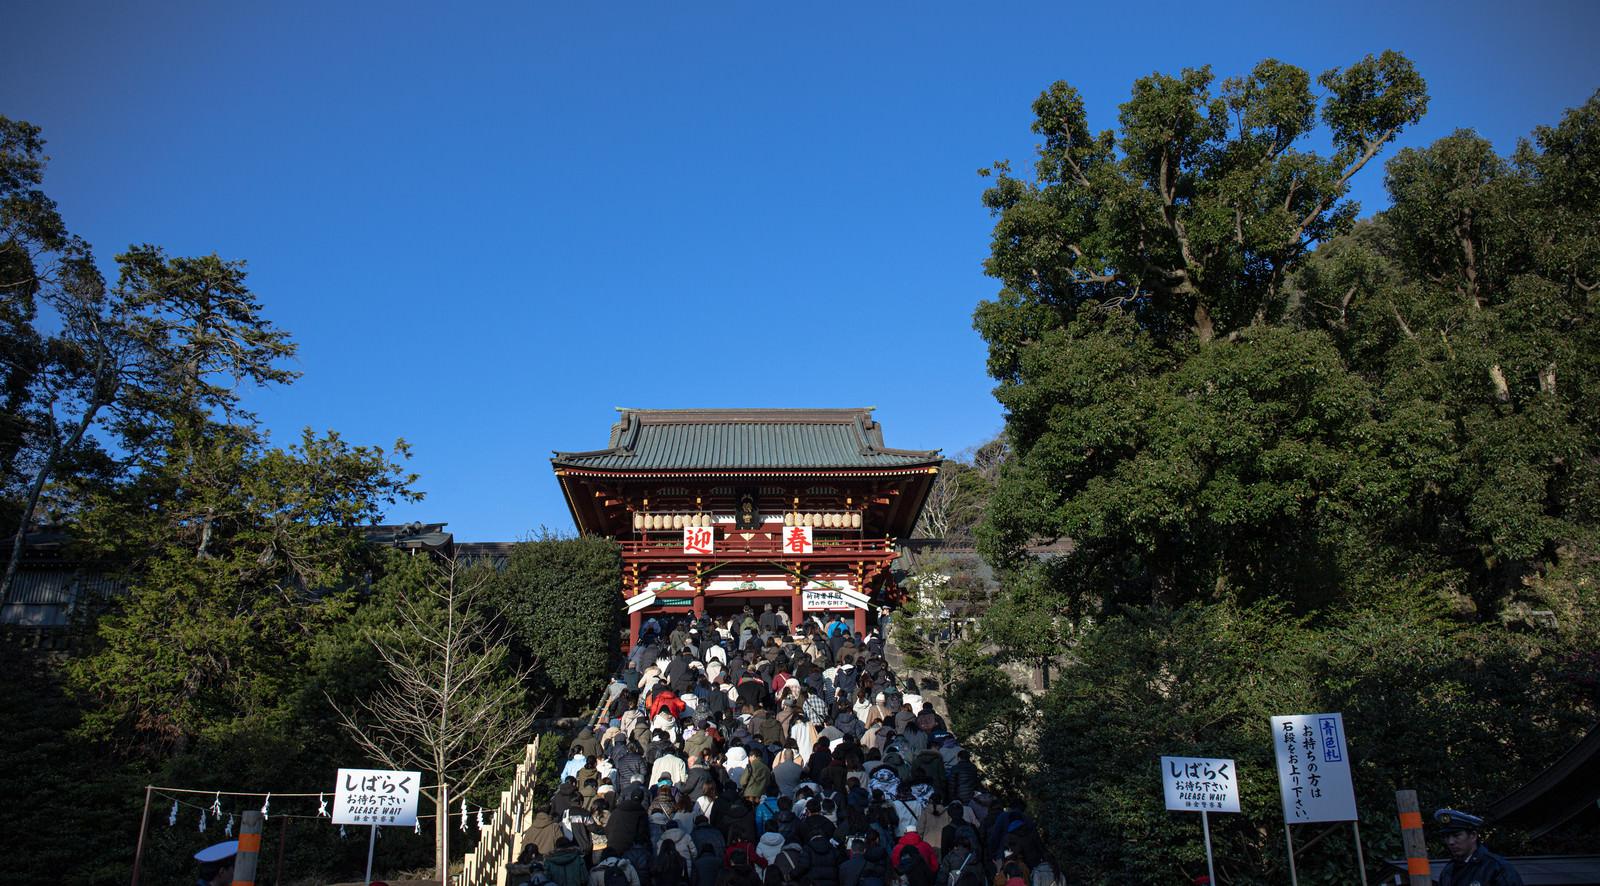 「行列をなす鶴岡八幡宮の初詣」の写真